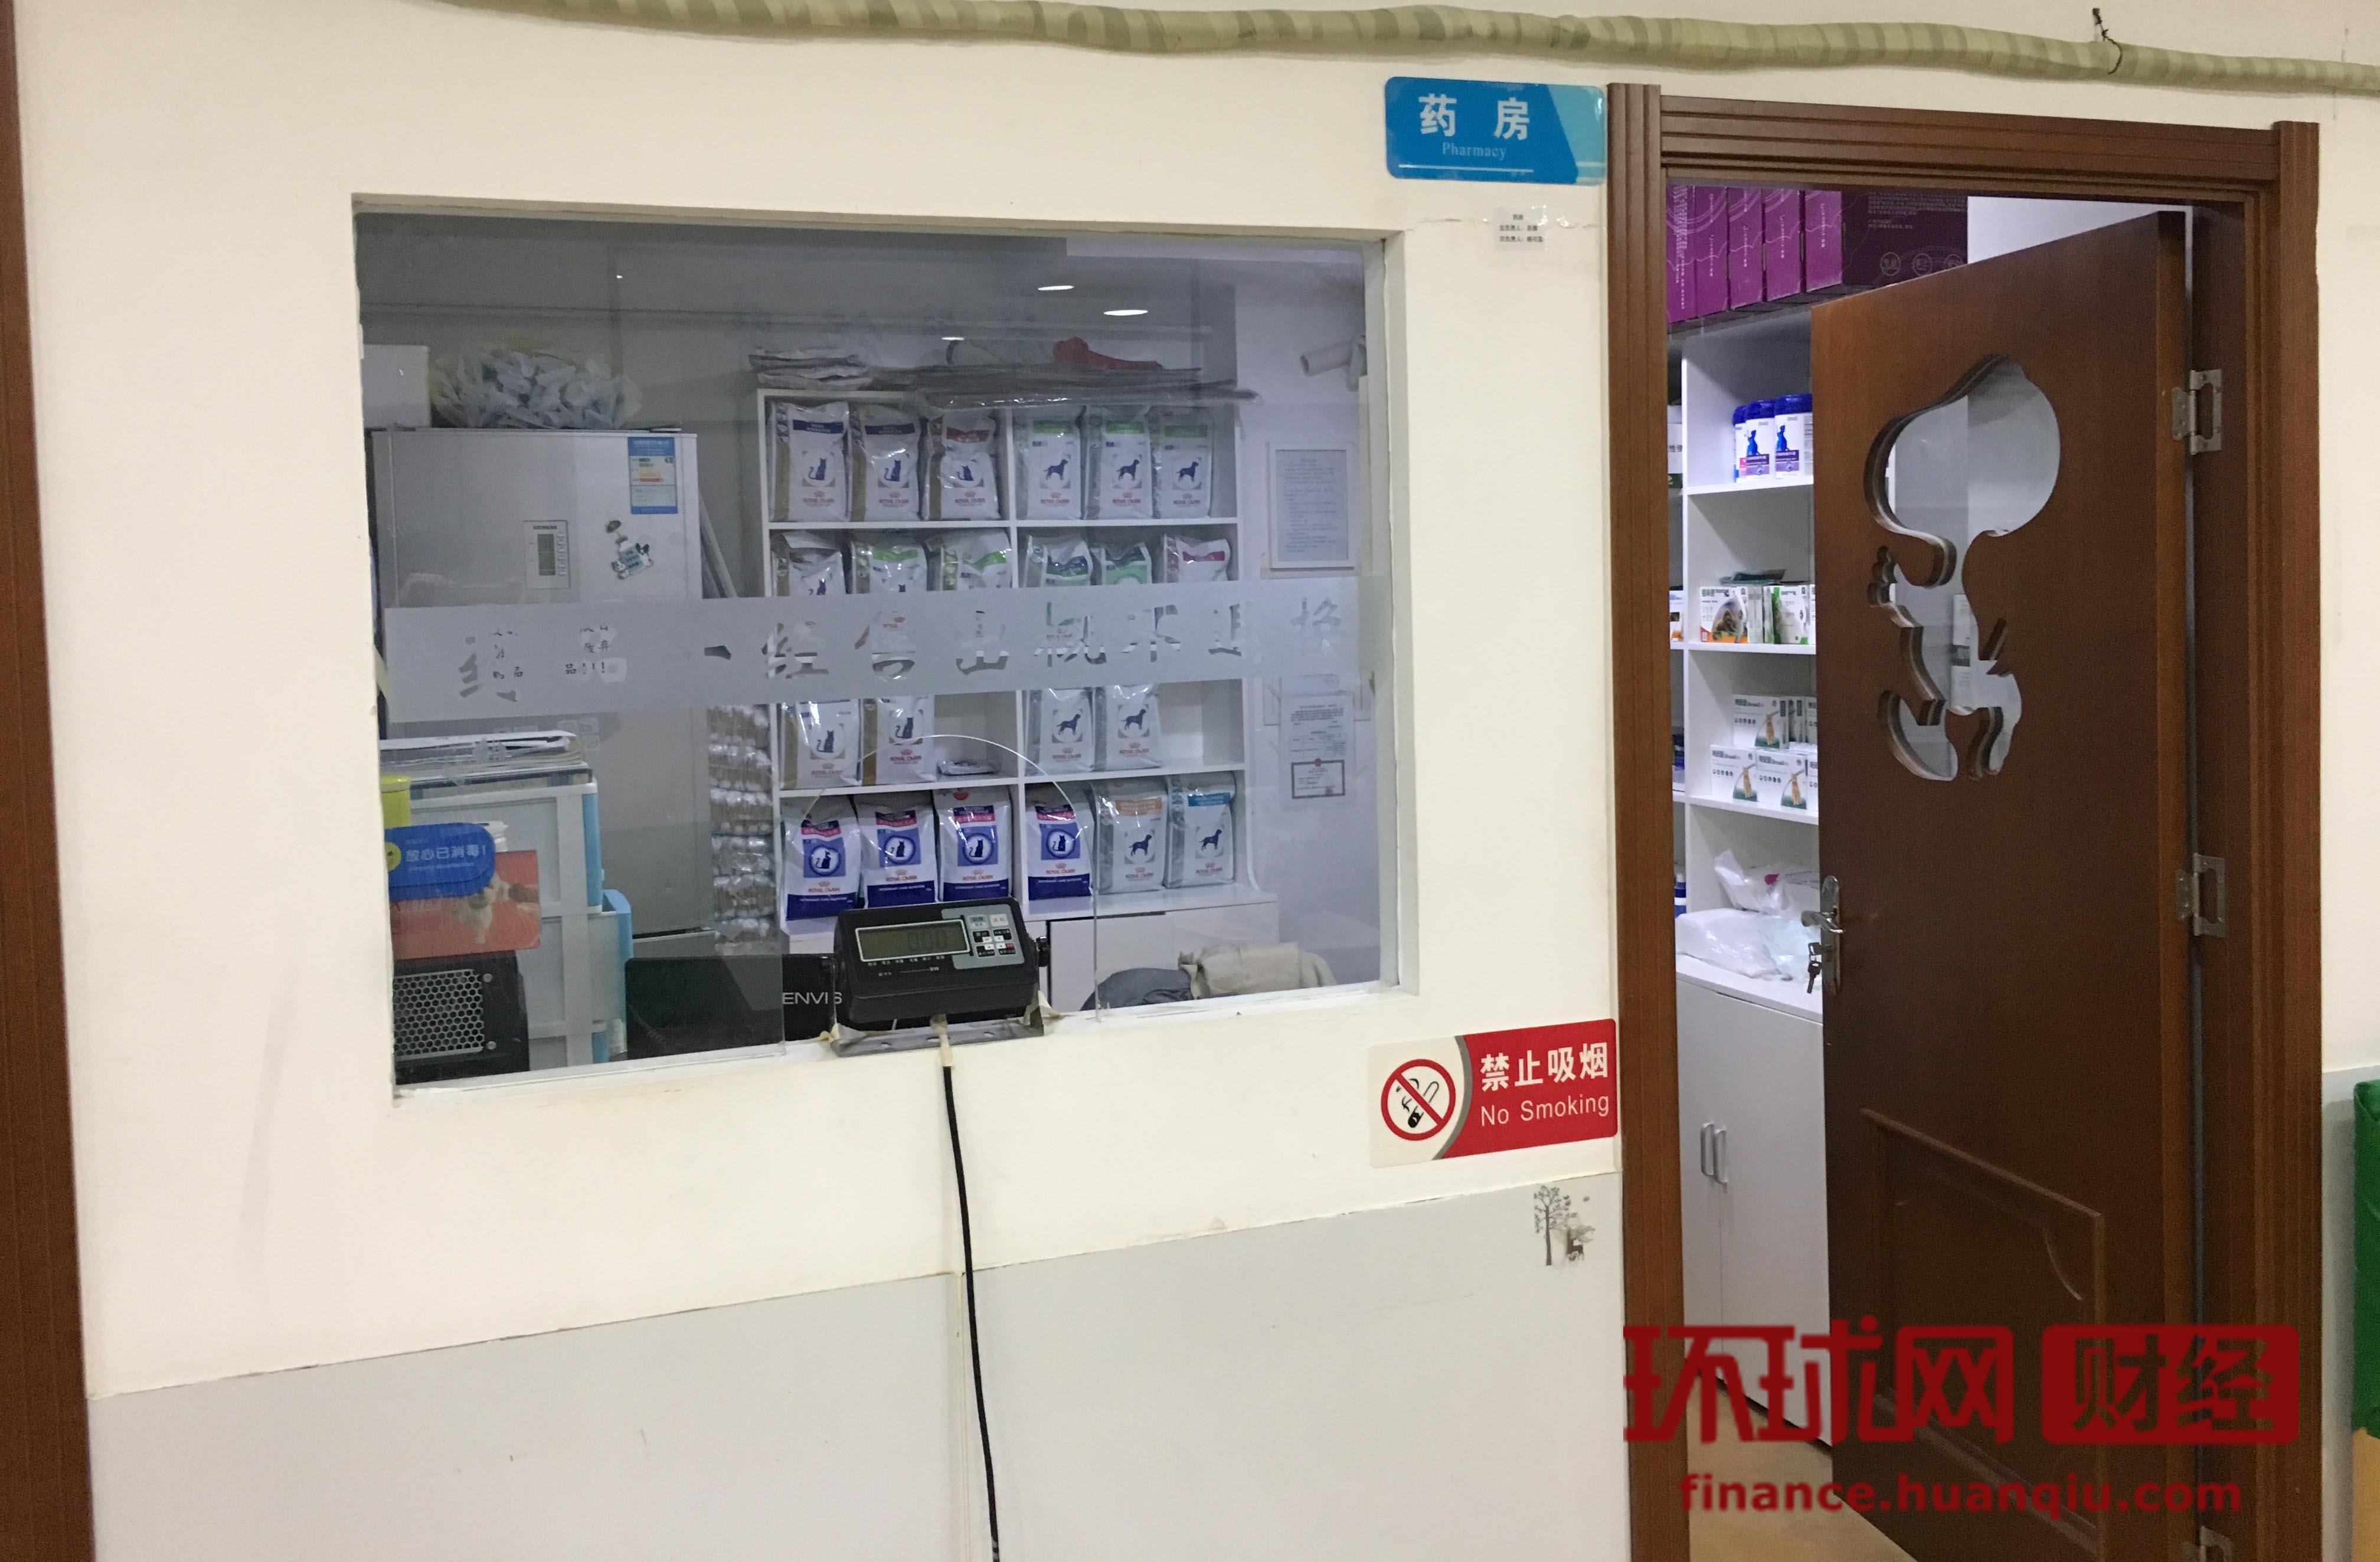 图为某宠物医院内的药房,里面摆放着宠物粮,驱虫药等各类宠物药物.